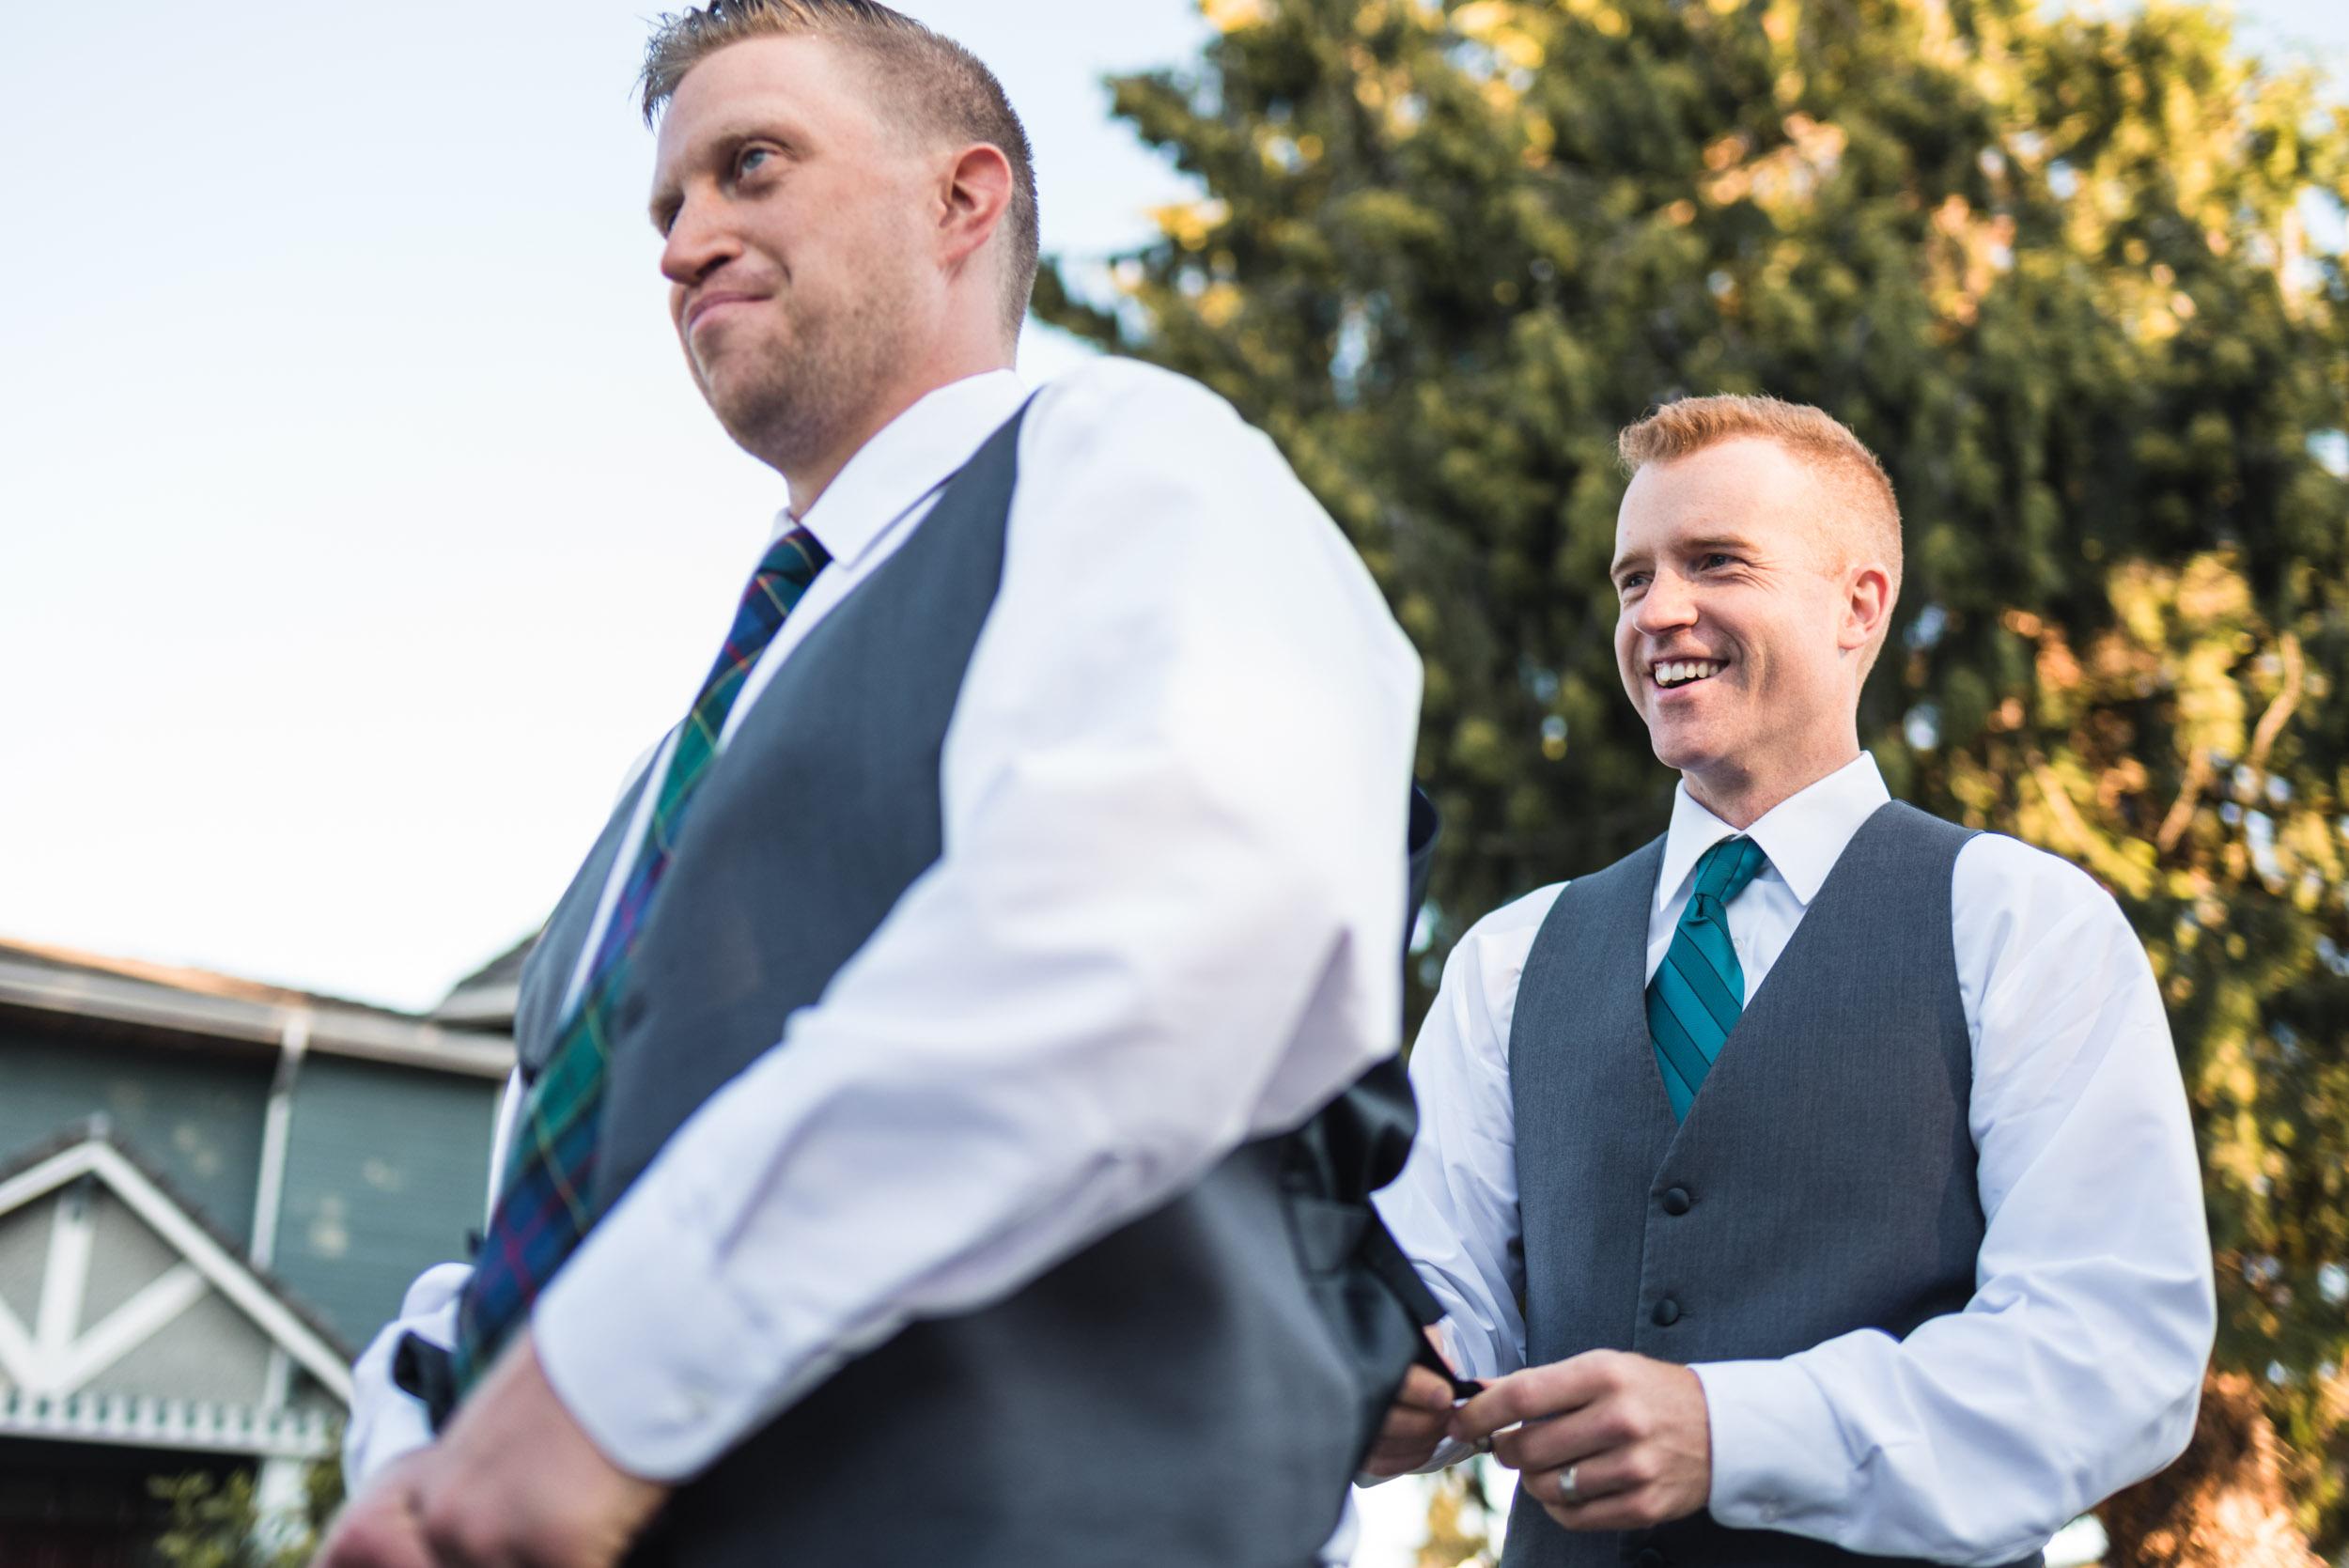 Groomsman helping groom get dressed